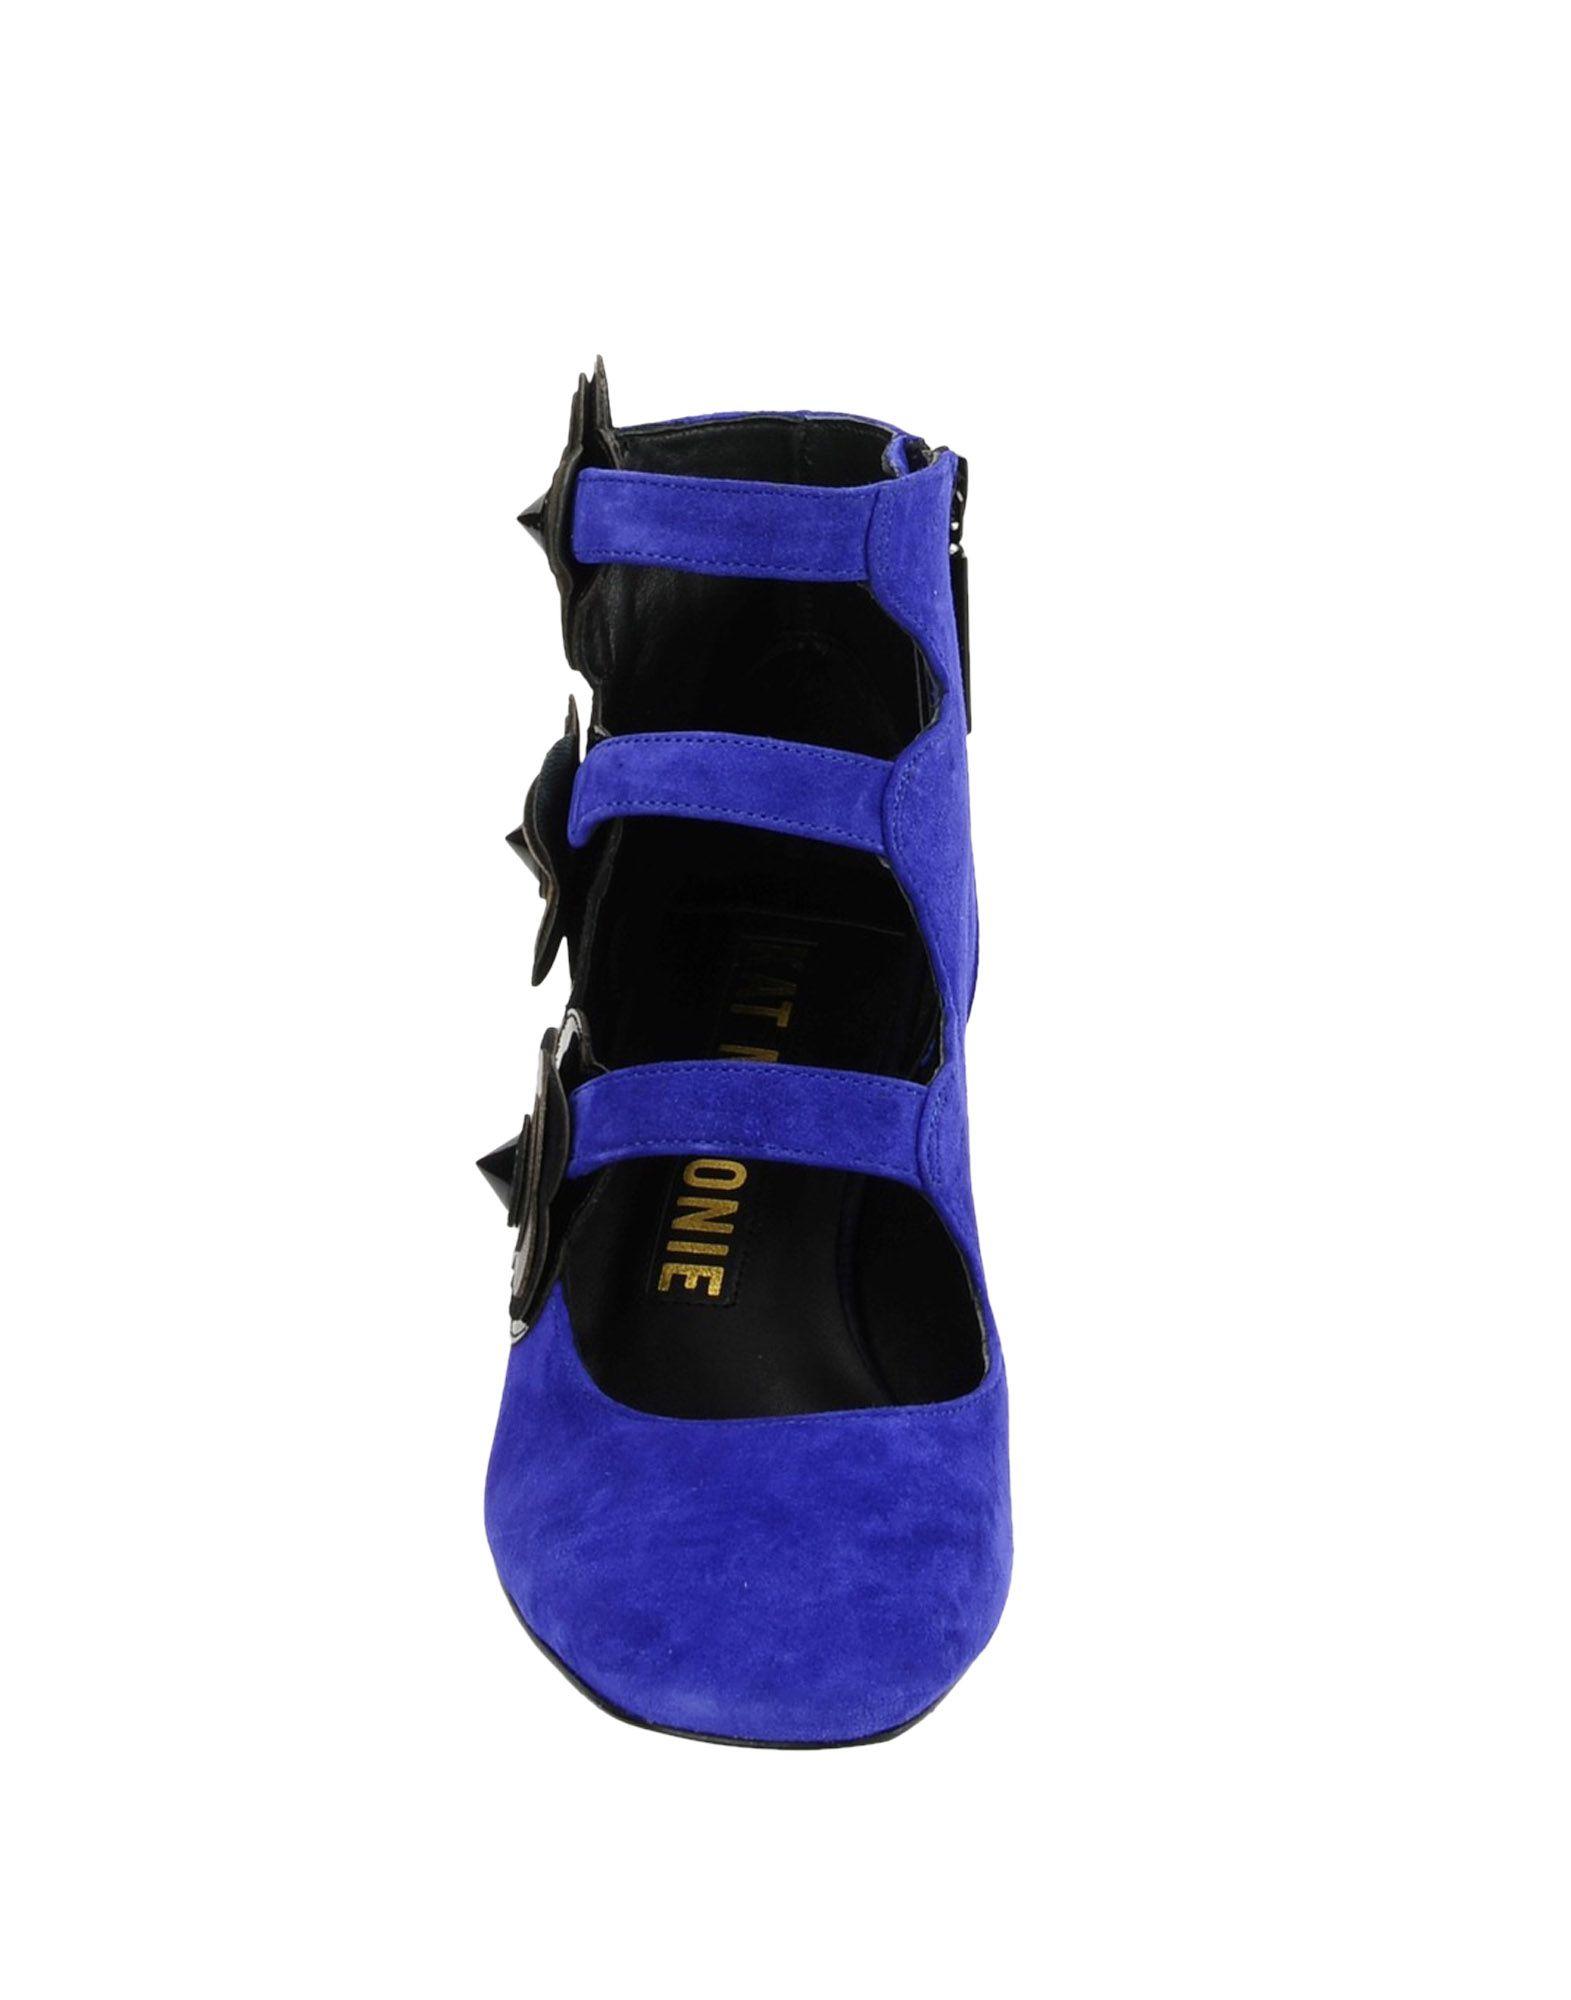 Kat Maconie Stiefelette Beliebte Damen  11336055HB Beliebte Stiefelette Schuhe 86bb58